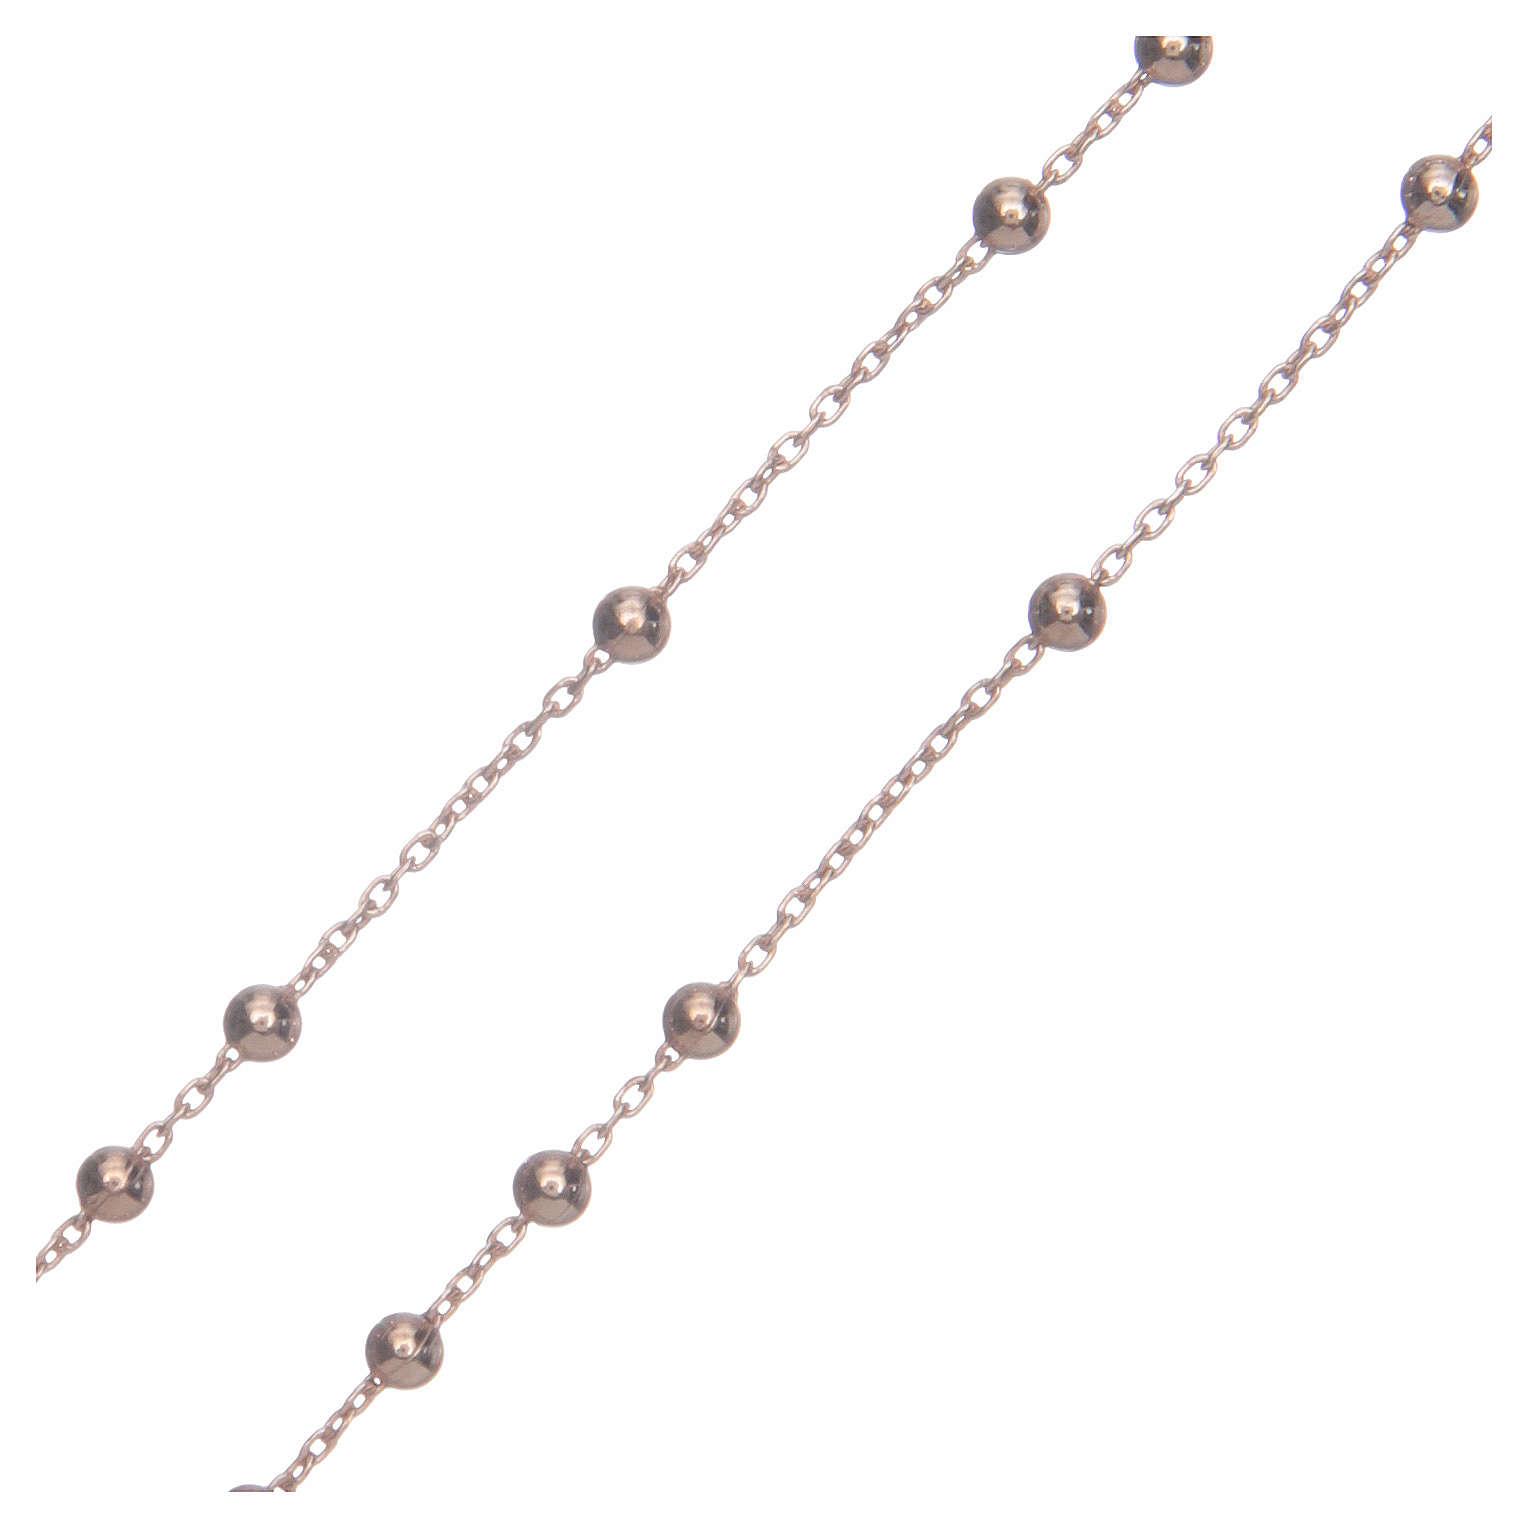 Collar Rosario AMEN clásico 2,5 mm plata 925 acabado Rosè 4